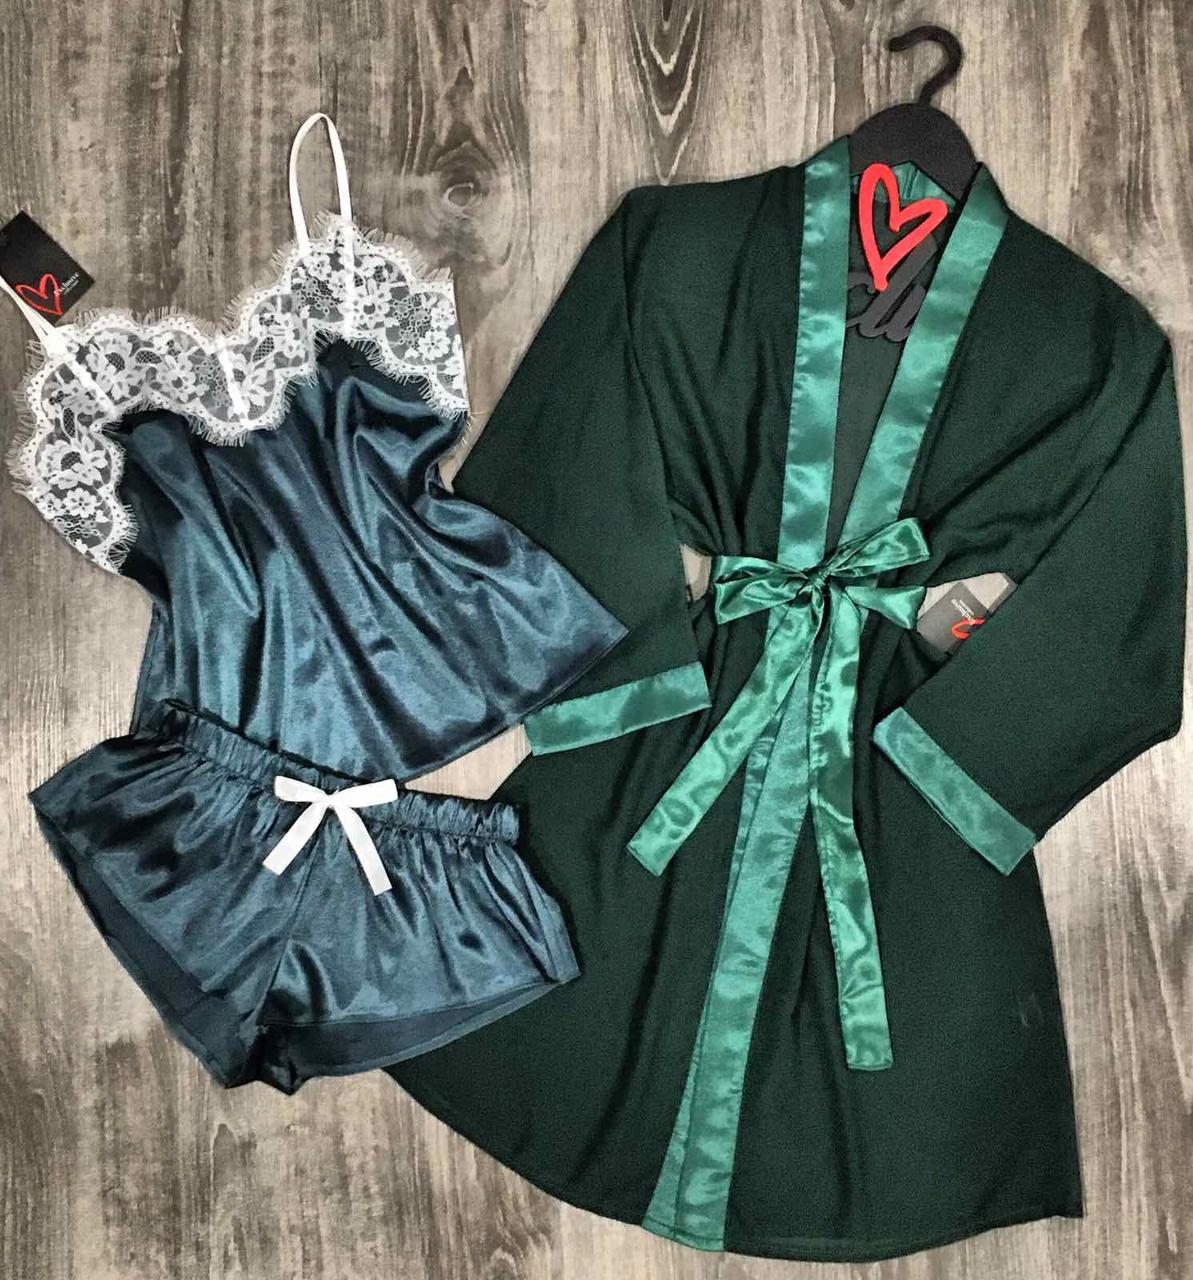 Темно-зеленый комплект тройка для сна, прозрачный халат+шелковая пижама с белым кружевом.